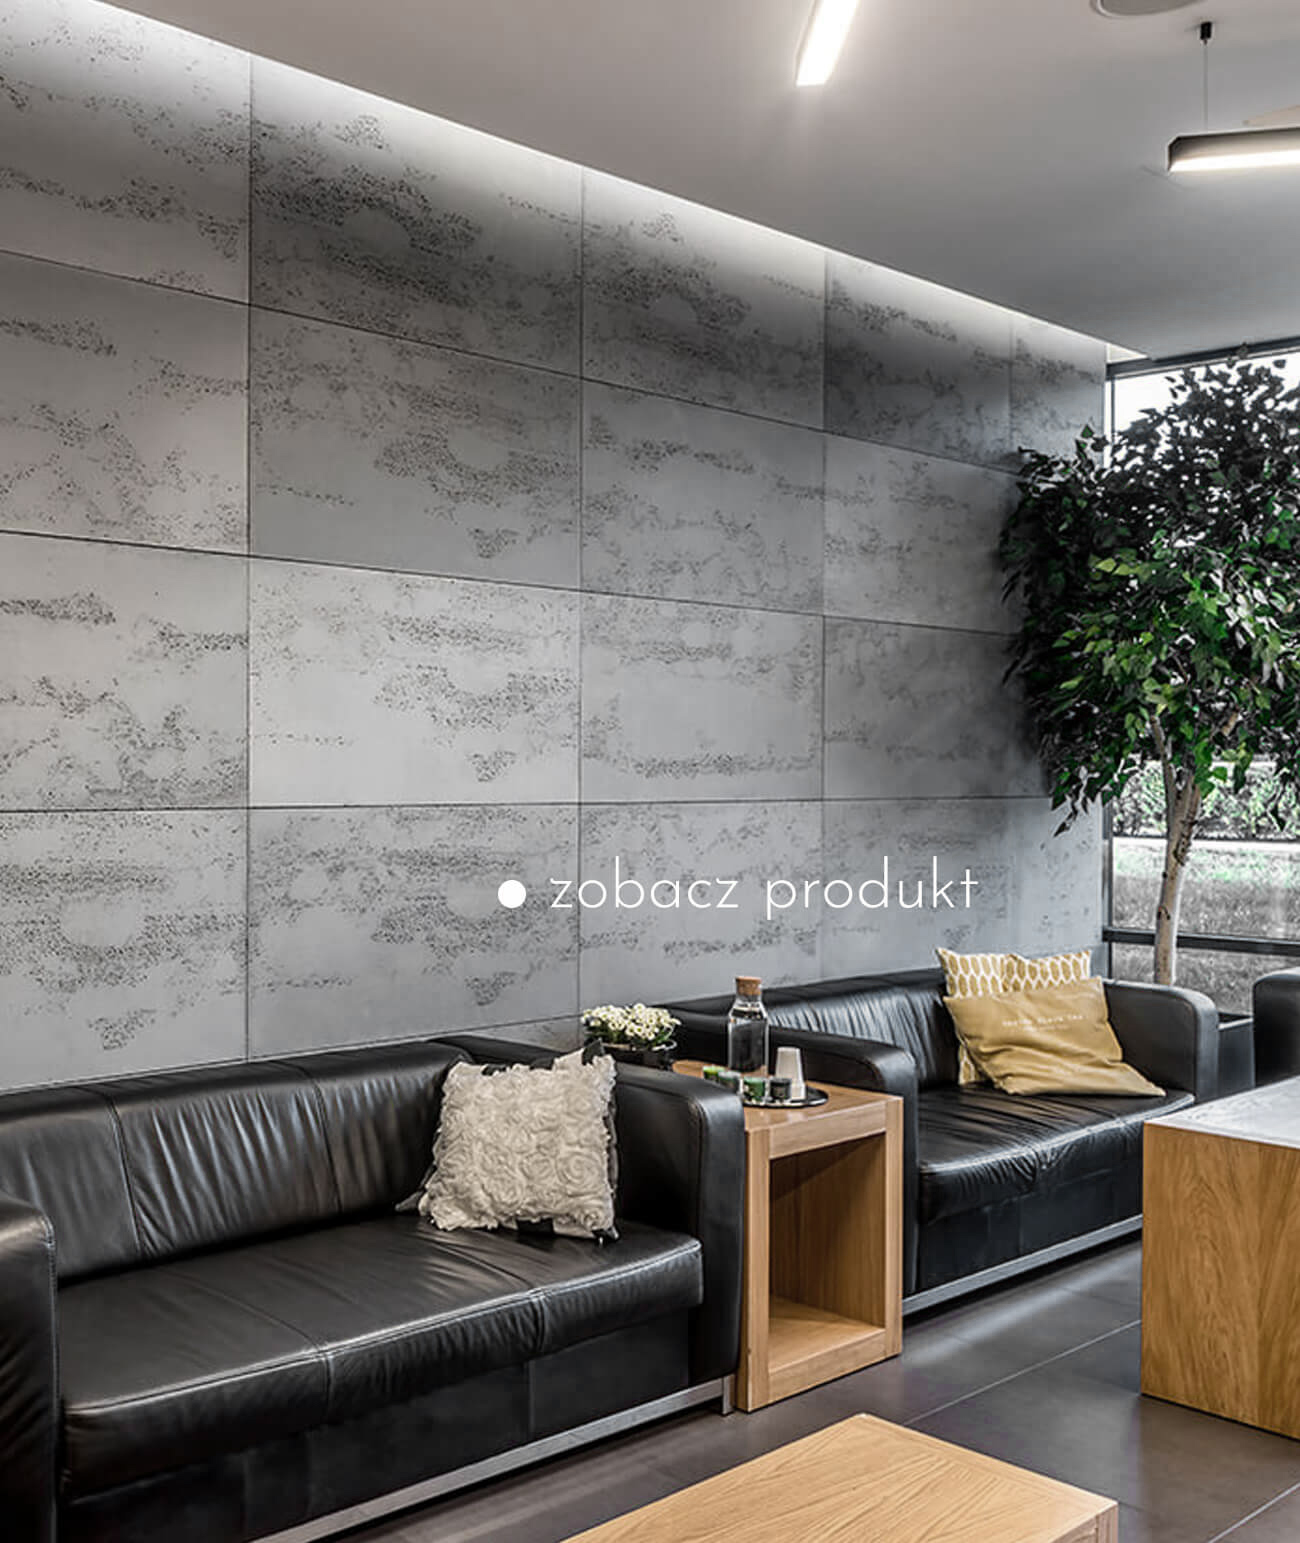 plyty-betonowe-scienne-i-elewacyjne-beton-architektoniczny_162-611-s96-szary-ciemny---plyta-beton-architektoniczny-rozne-wymiary